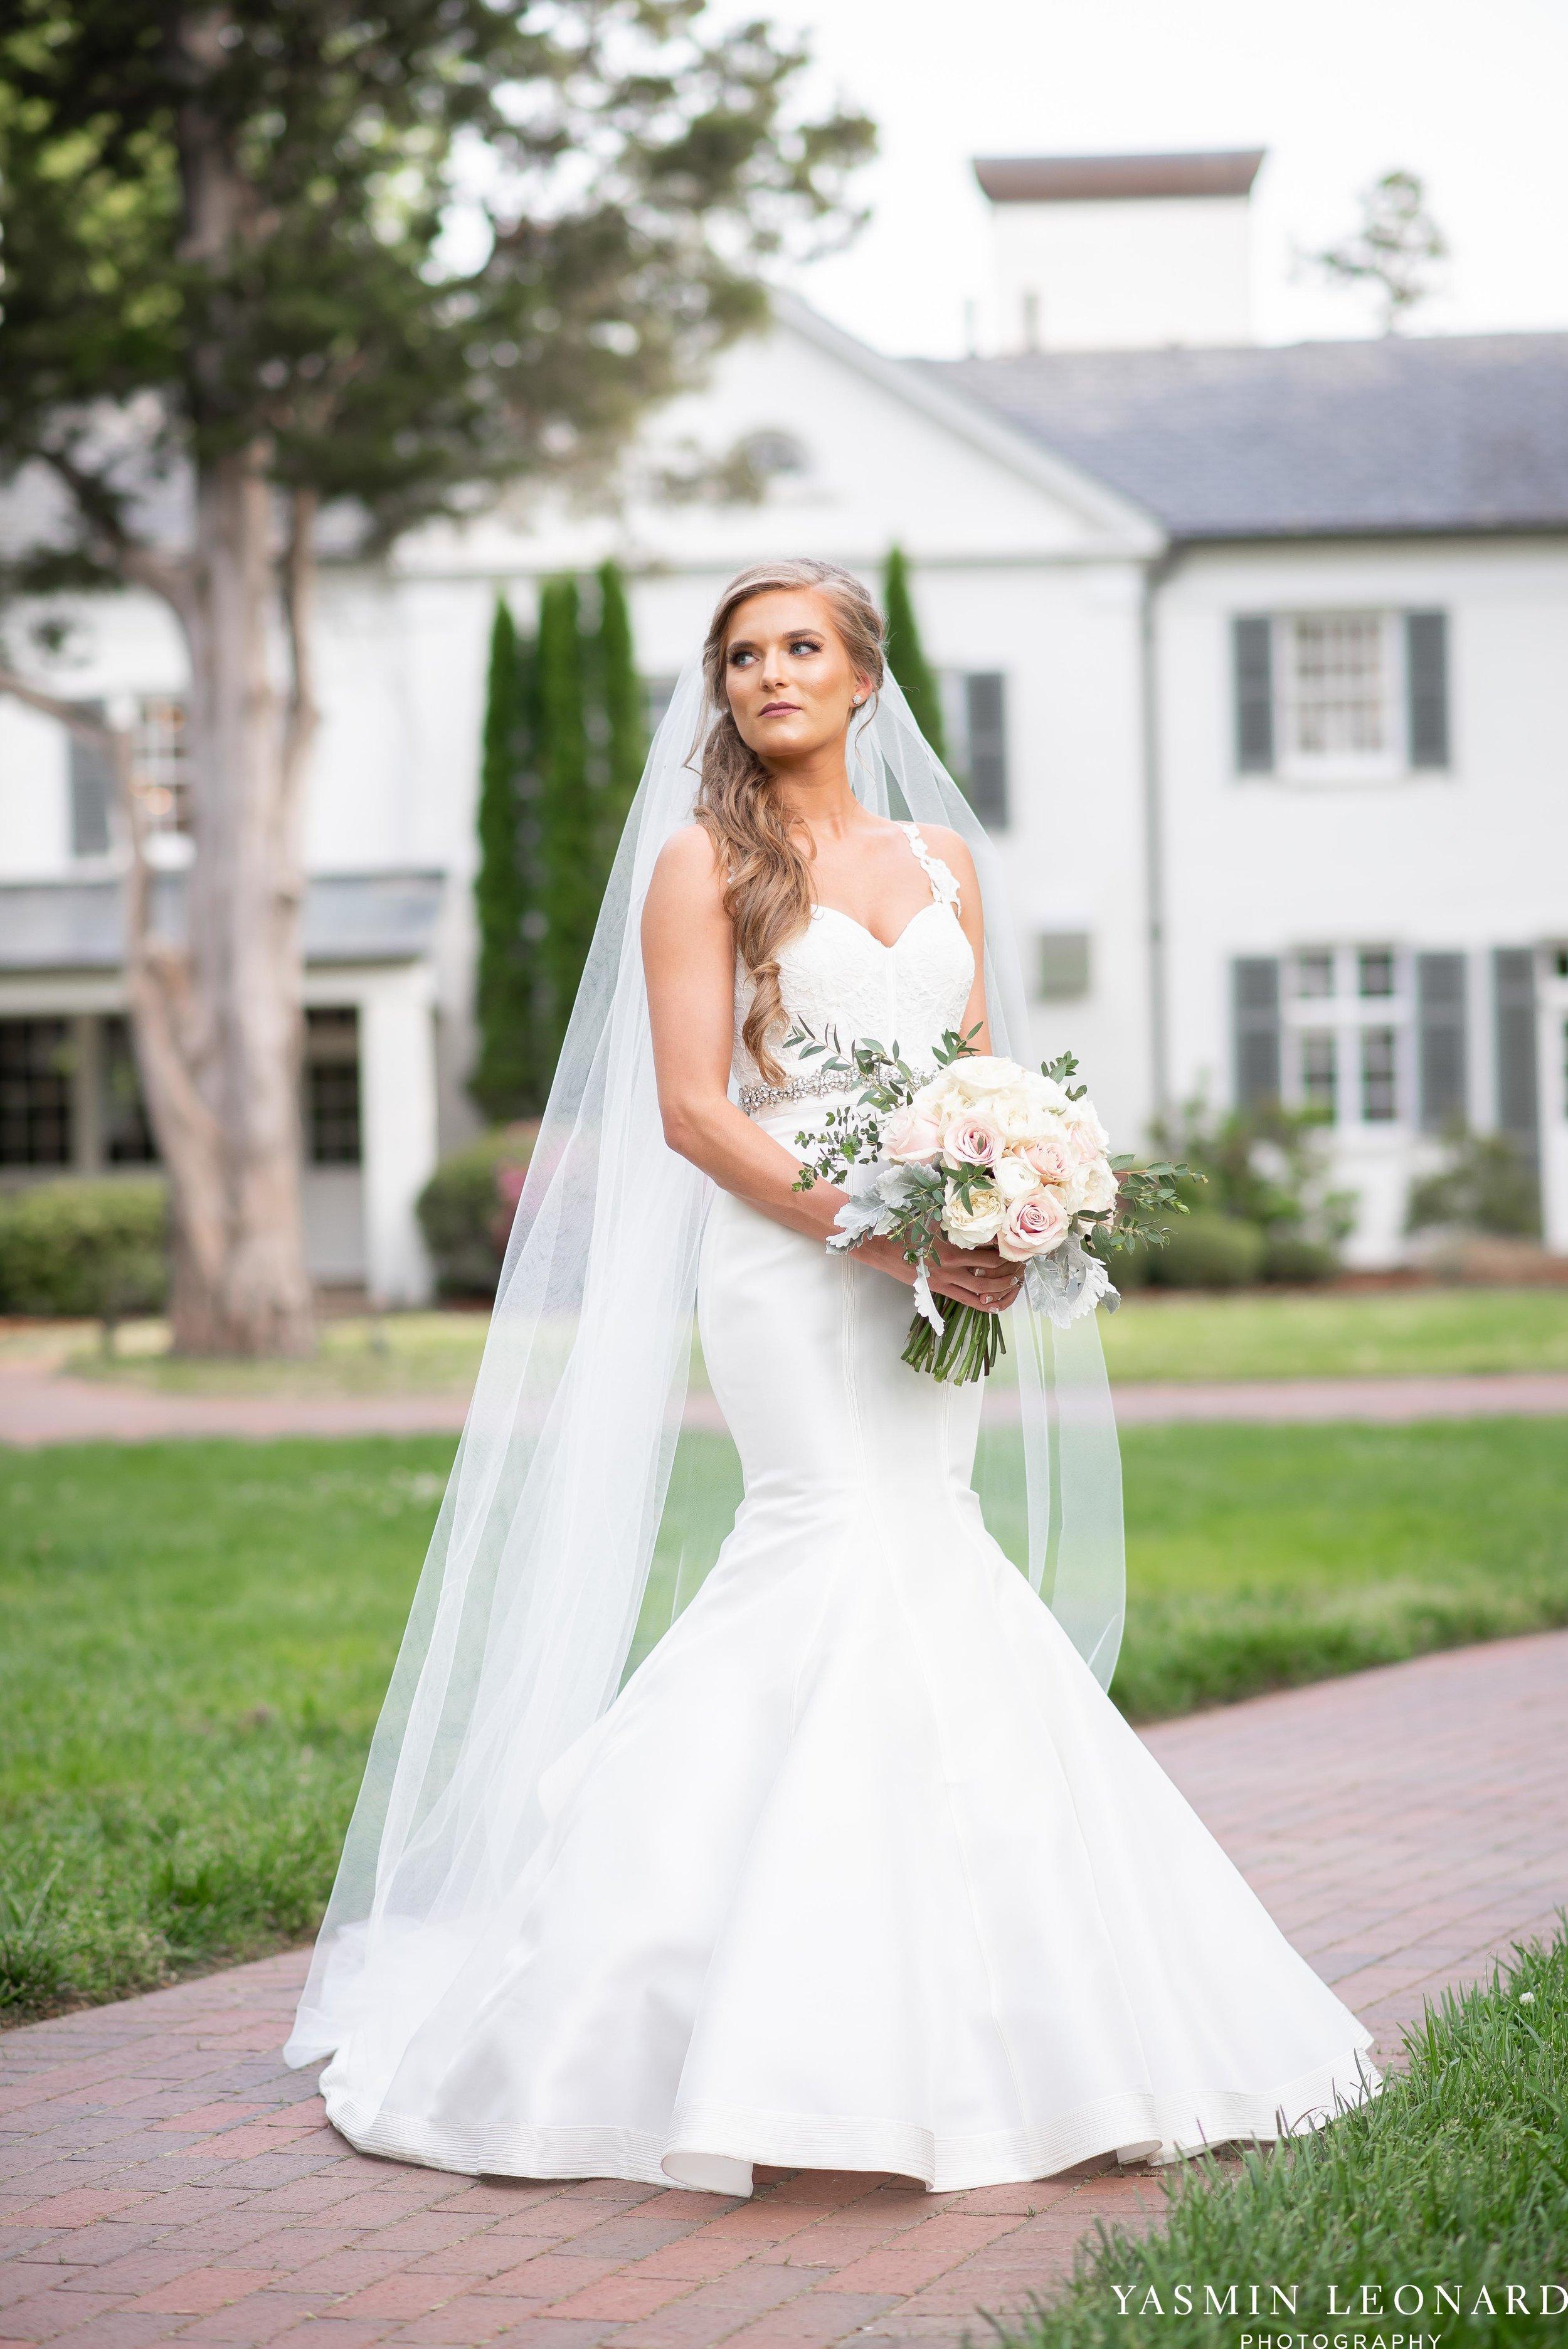 Boxwood Estate - Boxwood Estate Wedding - Luxury Wedding - Black and White Wedding - NC Wedding Venues - NC Weddings - NC Photographer - Lantern Release Grand Exit - Large Wedding Party - Yasmin Leonard Photography-14.jpg